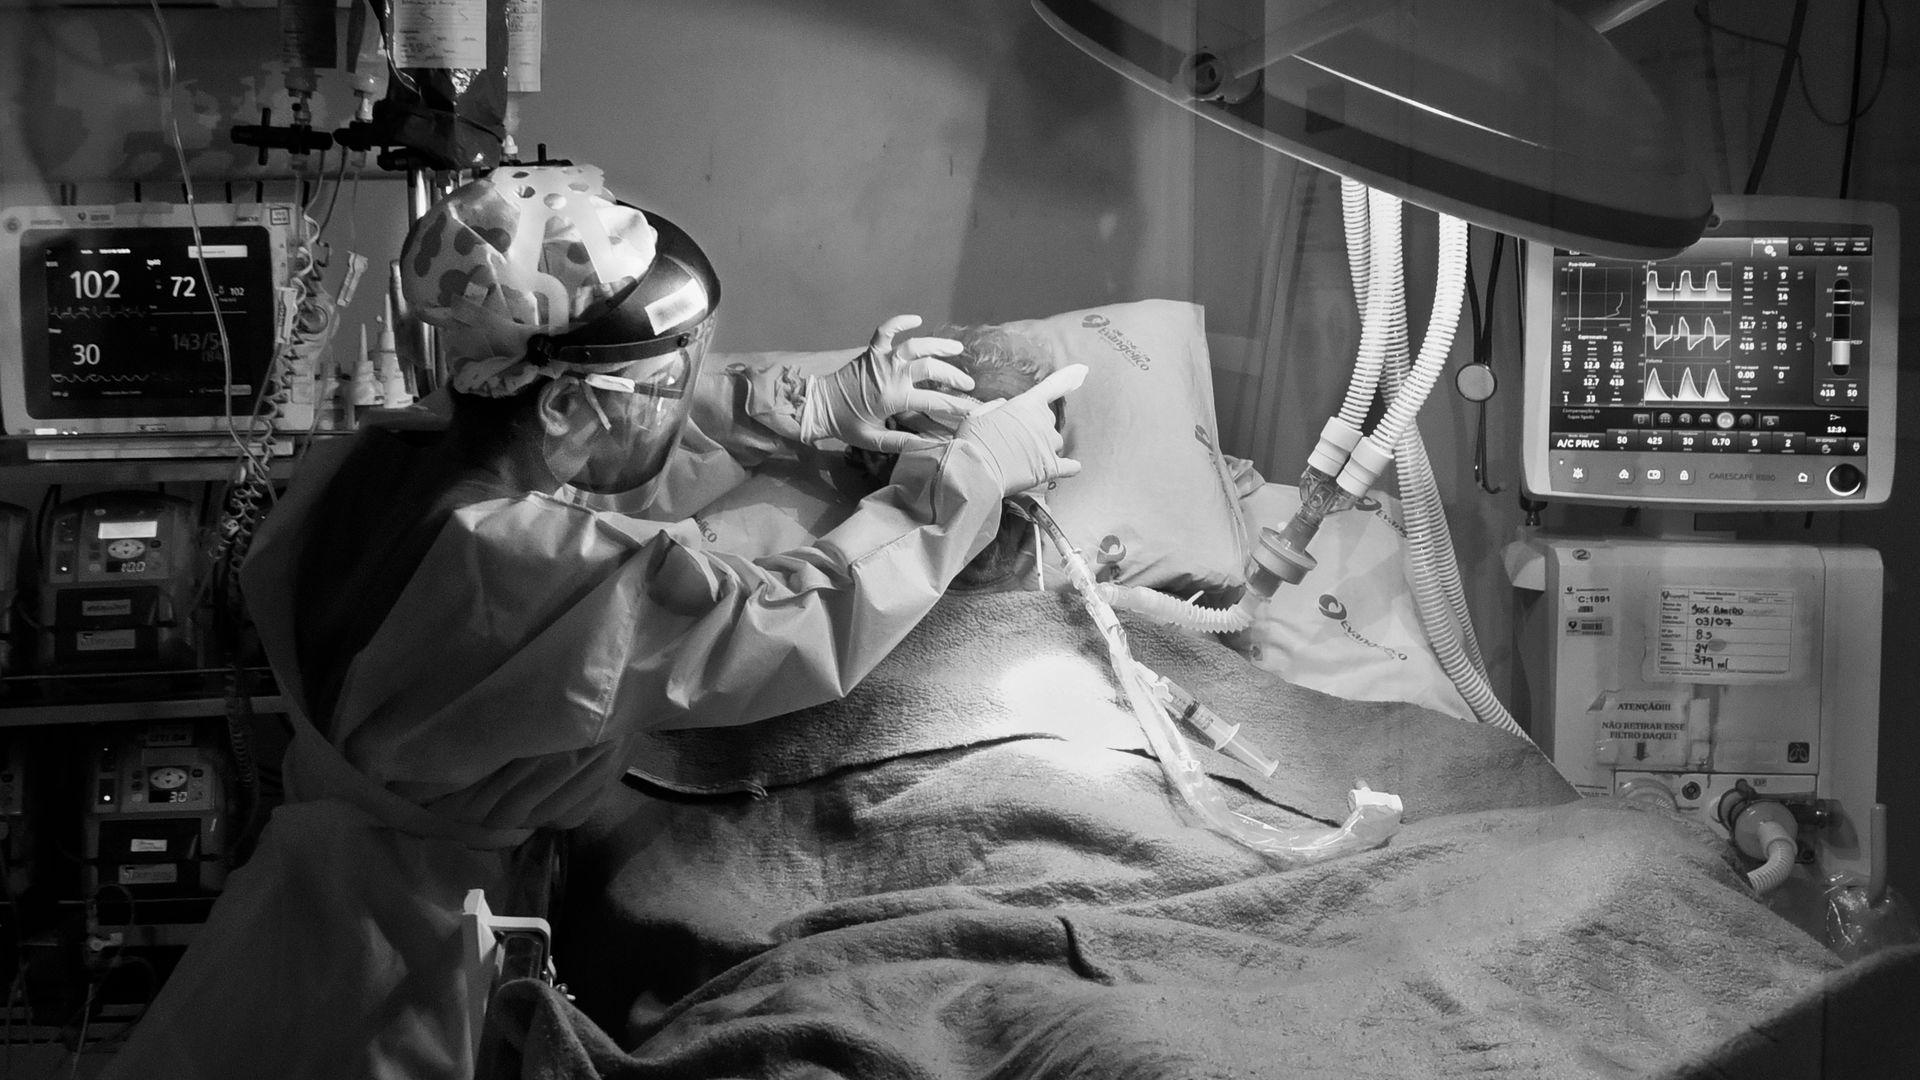 Paciente em estado grave, respirando com ajuda de aparelhos, por causa da infecção do novo coronavírus